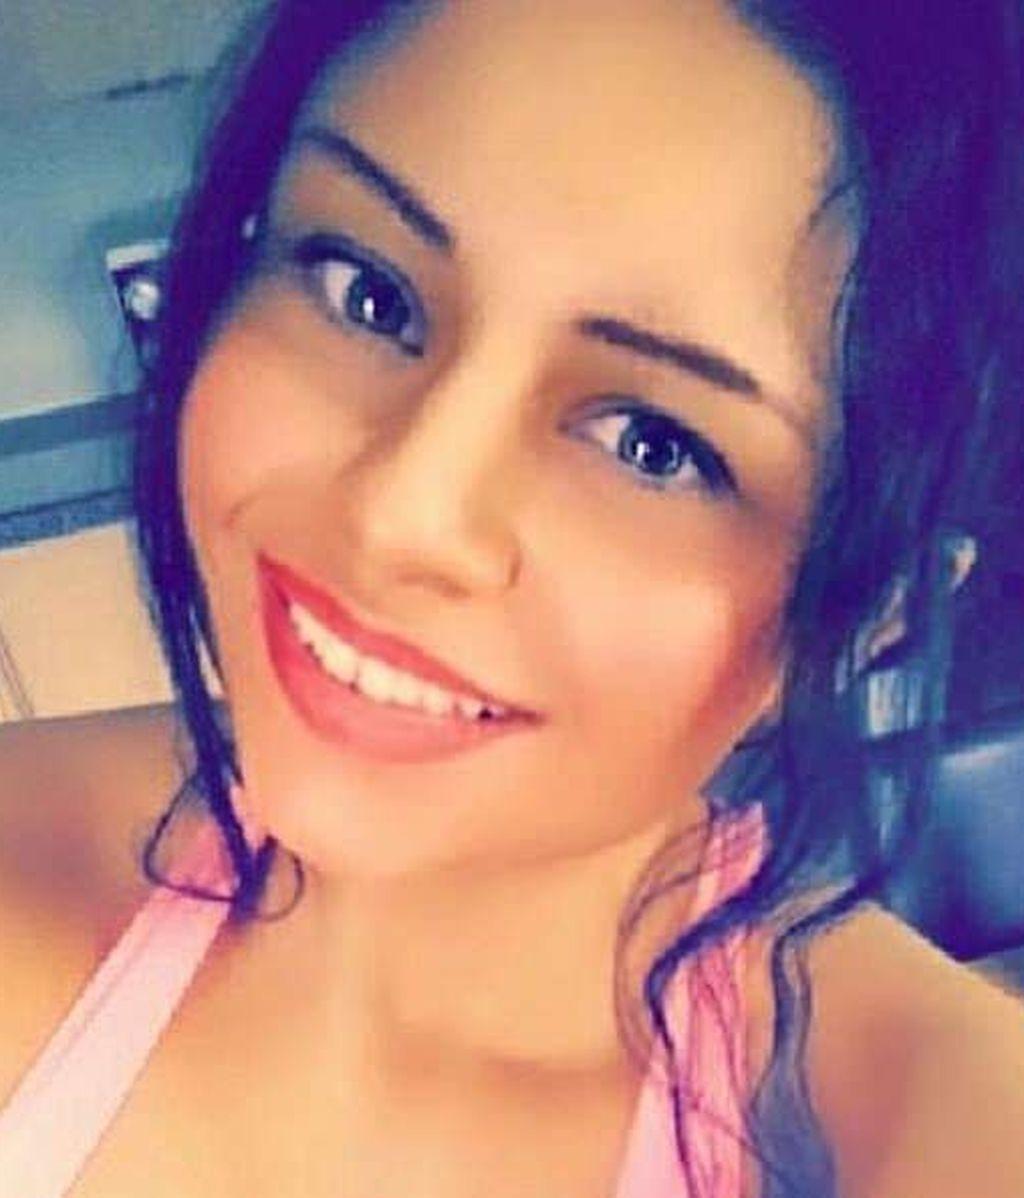 Quema a su hija para revivirla después de que muriese ahogada en la bañera